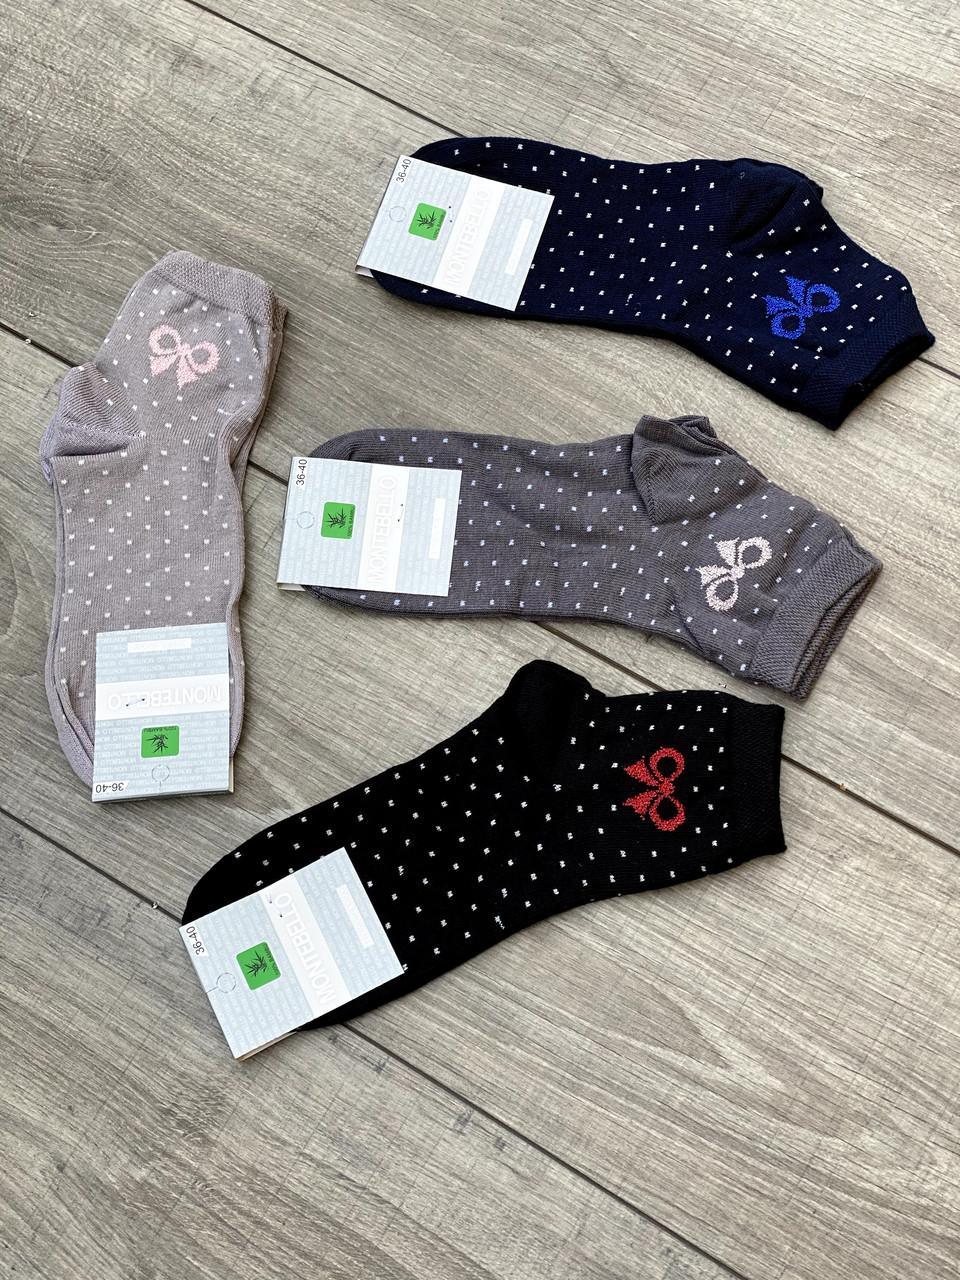 Жіночі бавовняні шкарпетки Montebello середні ароматизовані в горошок з бантиком 36-40 12шт асорті